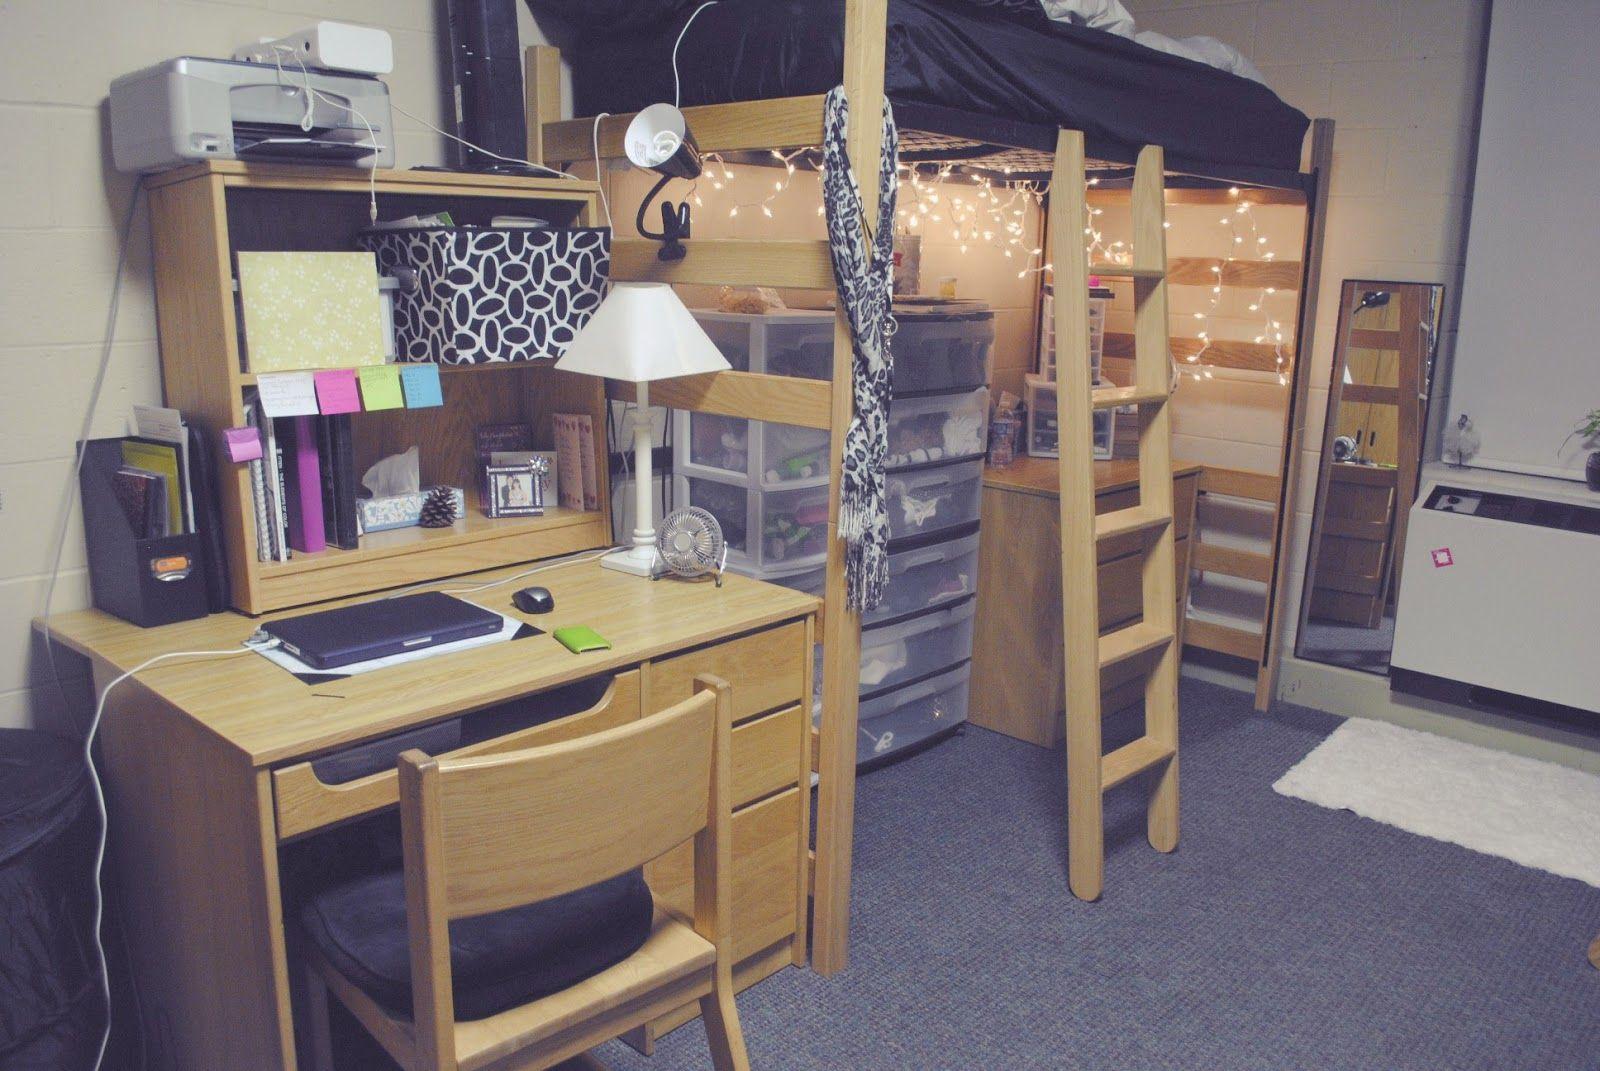 Dorm Design Ideas boy dorm idea dorm college dorming places kick butt dorms pinterest dorm ideas dorm and guy dorm College Dorm Room College Dorm Room Pictures College Pinterest Dorm College Dorms And Dorm Room